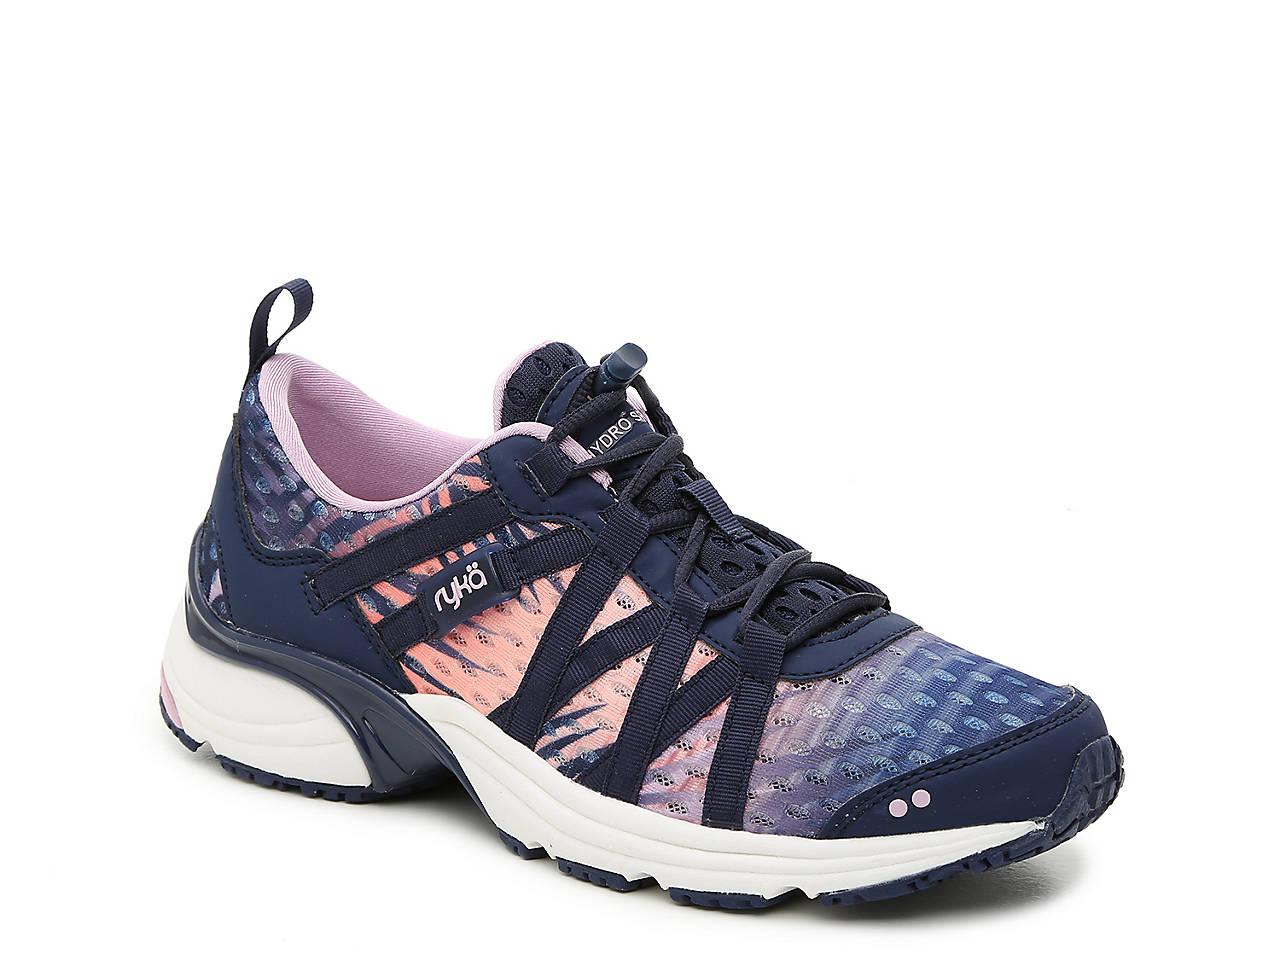 6853fac9bd87 Ryka Hydro Sport Training Shoe - Women s Women s Shoes